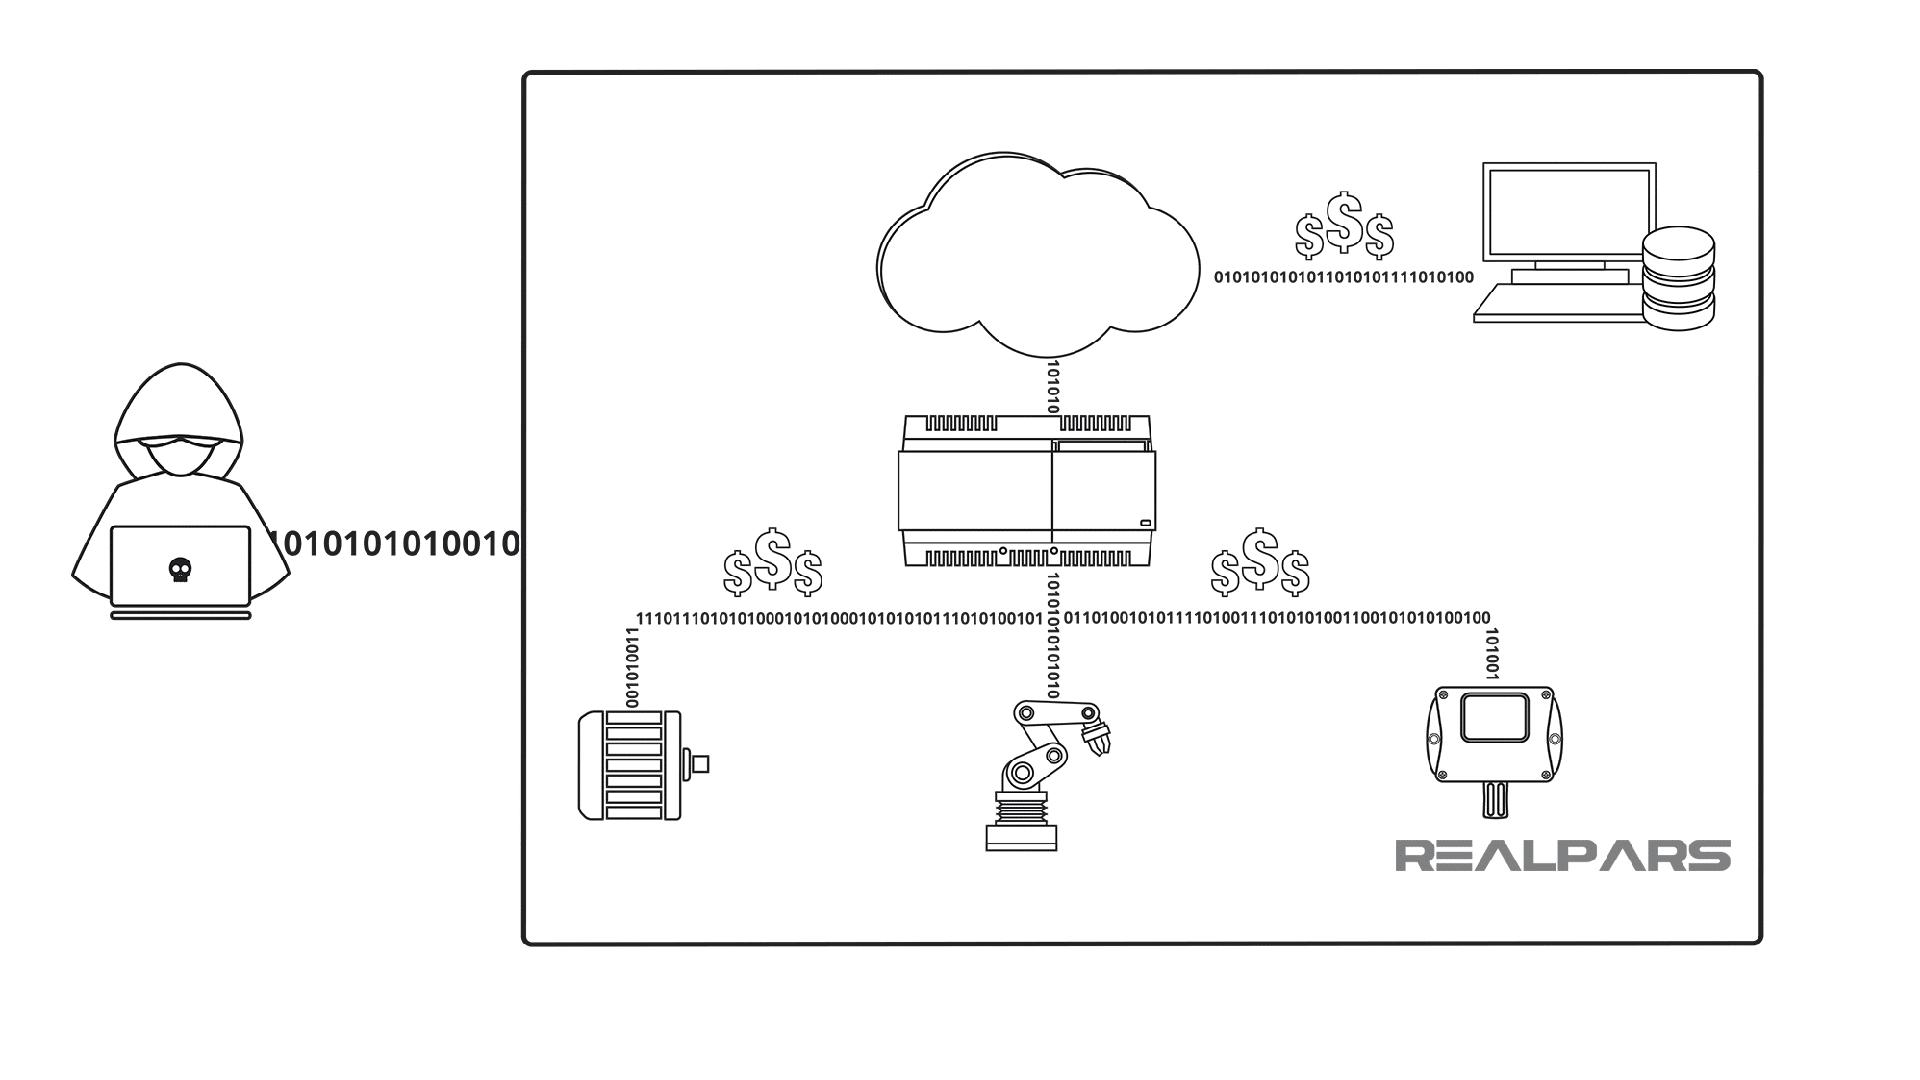 Giải mã hệ thống IoT